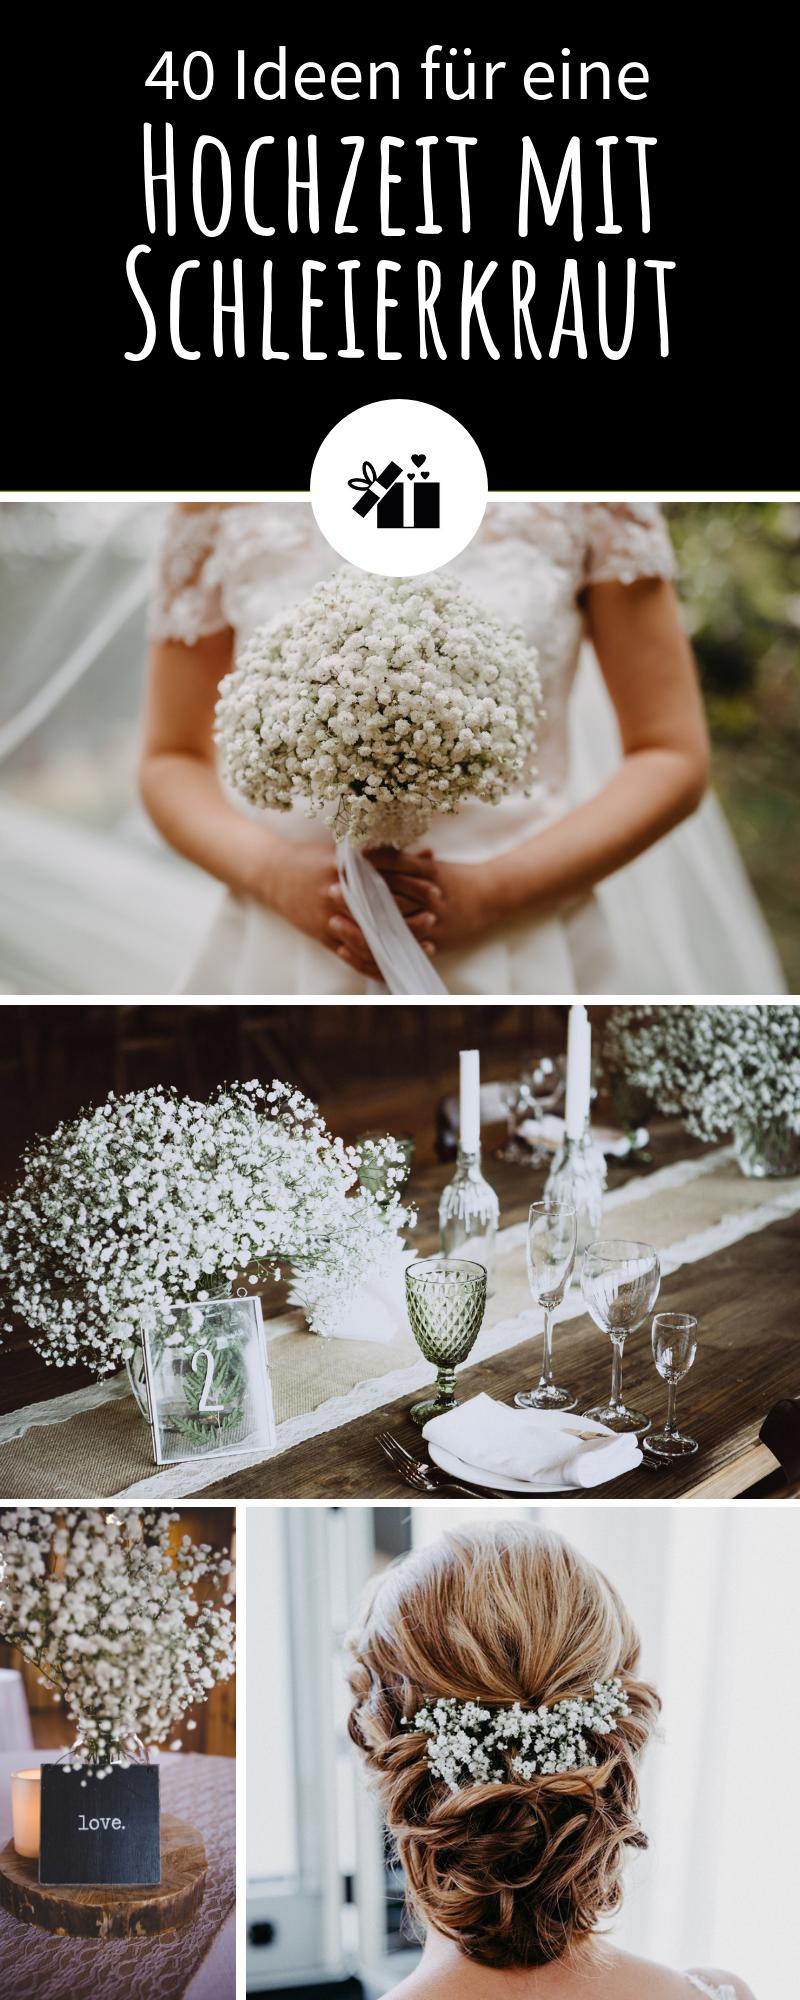 40 bezaubernde Schleierkraut Hochzeitsdeko-Ideen#bezaubernde #hochzeitsdeko #hochzeitsdekoideen #ideen #schleierkraut